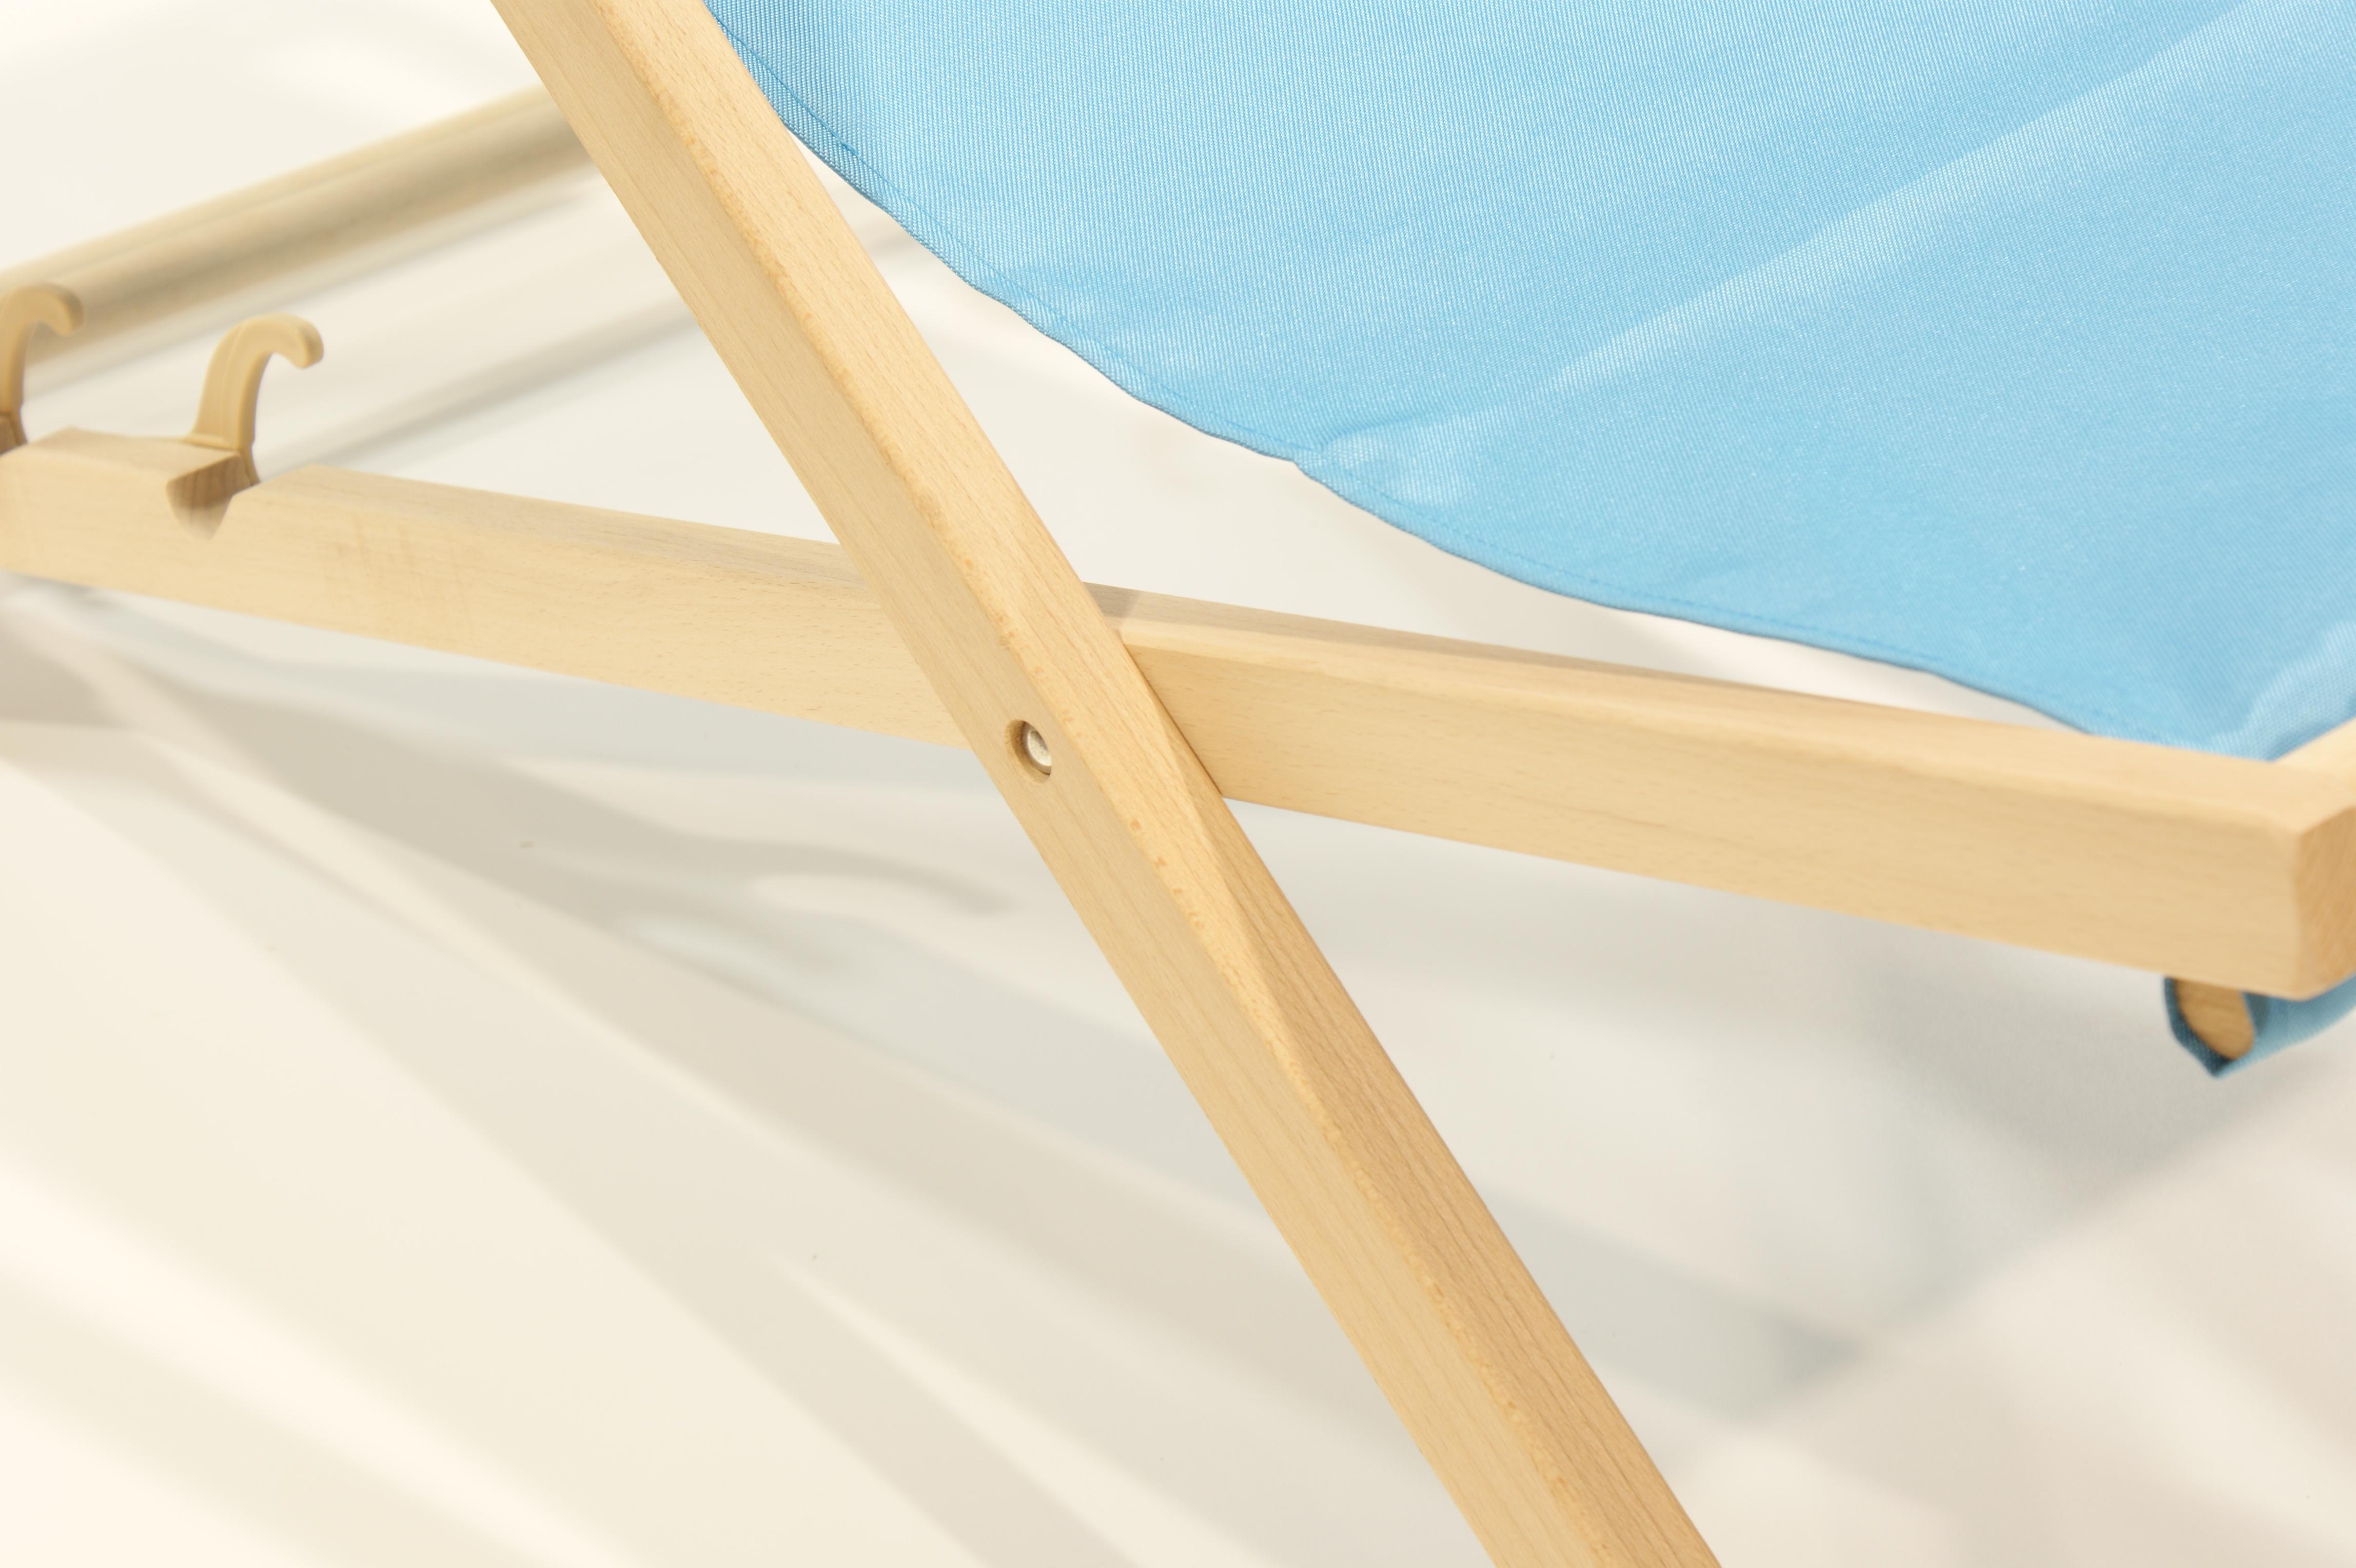 liegestuhl aus holz mit armlehnen und getr nkehalter gartenm bel campingliege ebay. Black Bedroom Furniture Sets. Home Design Ideas